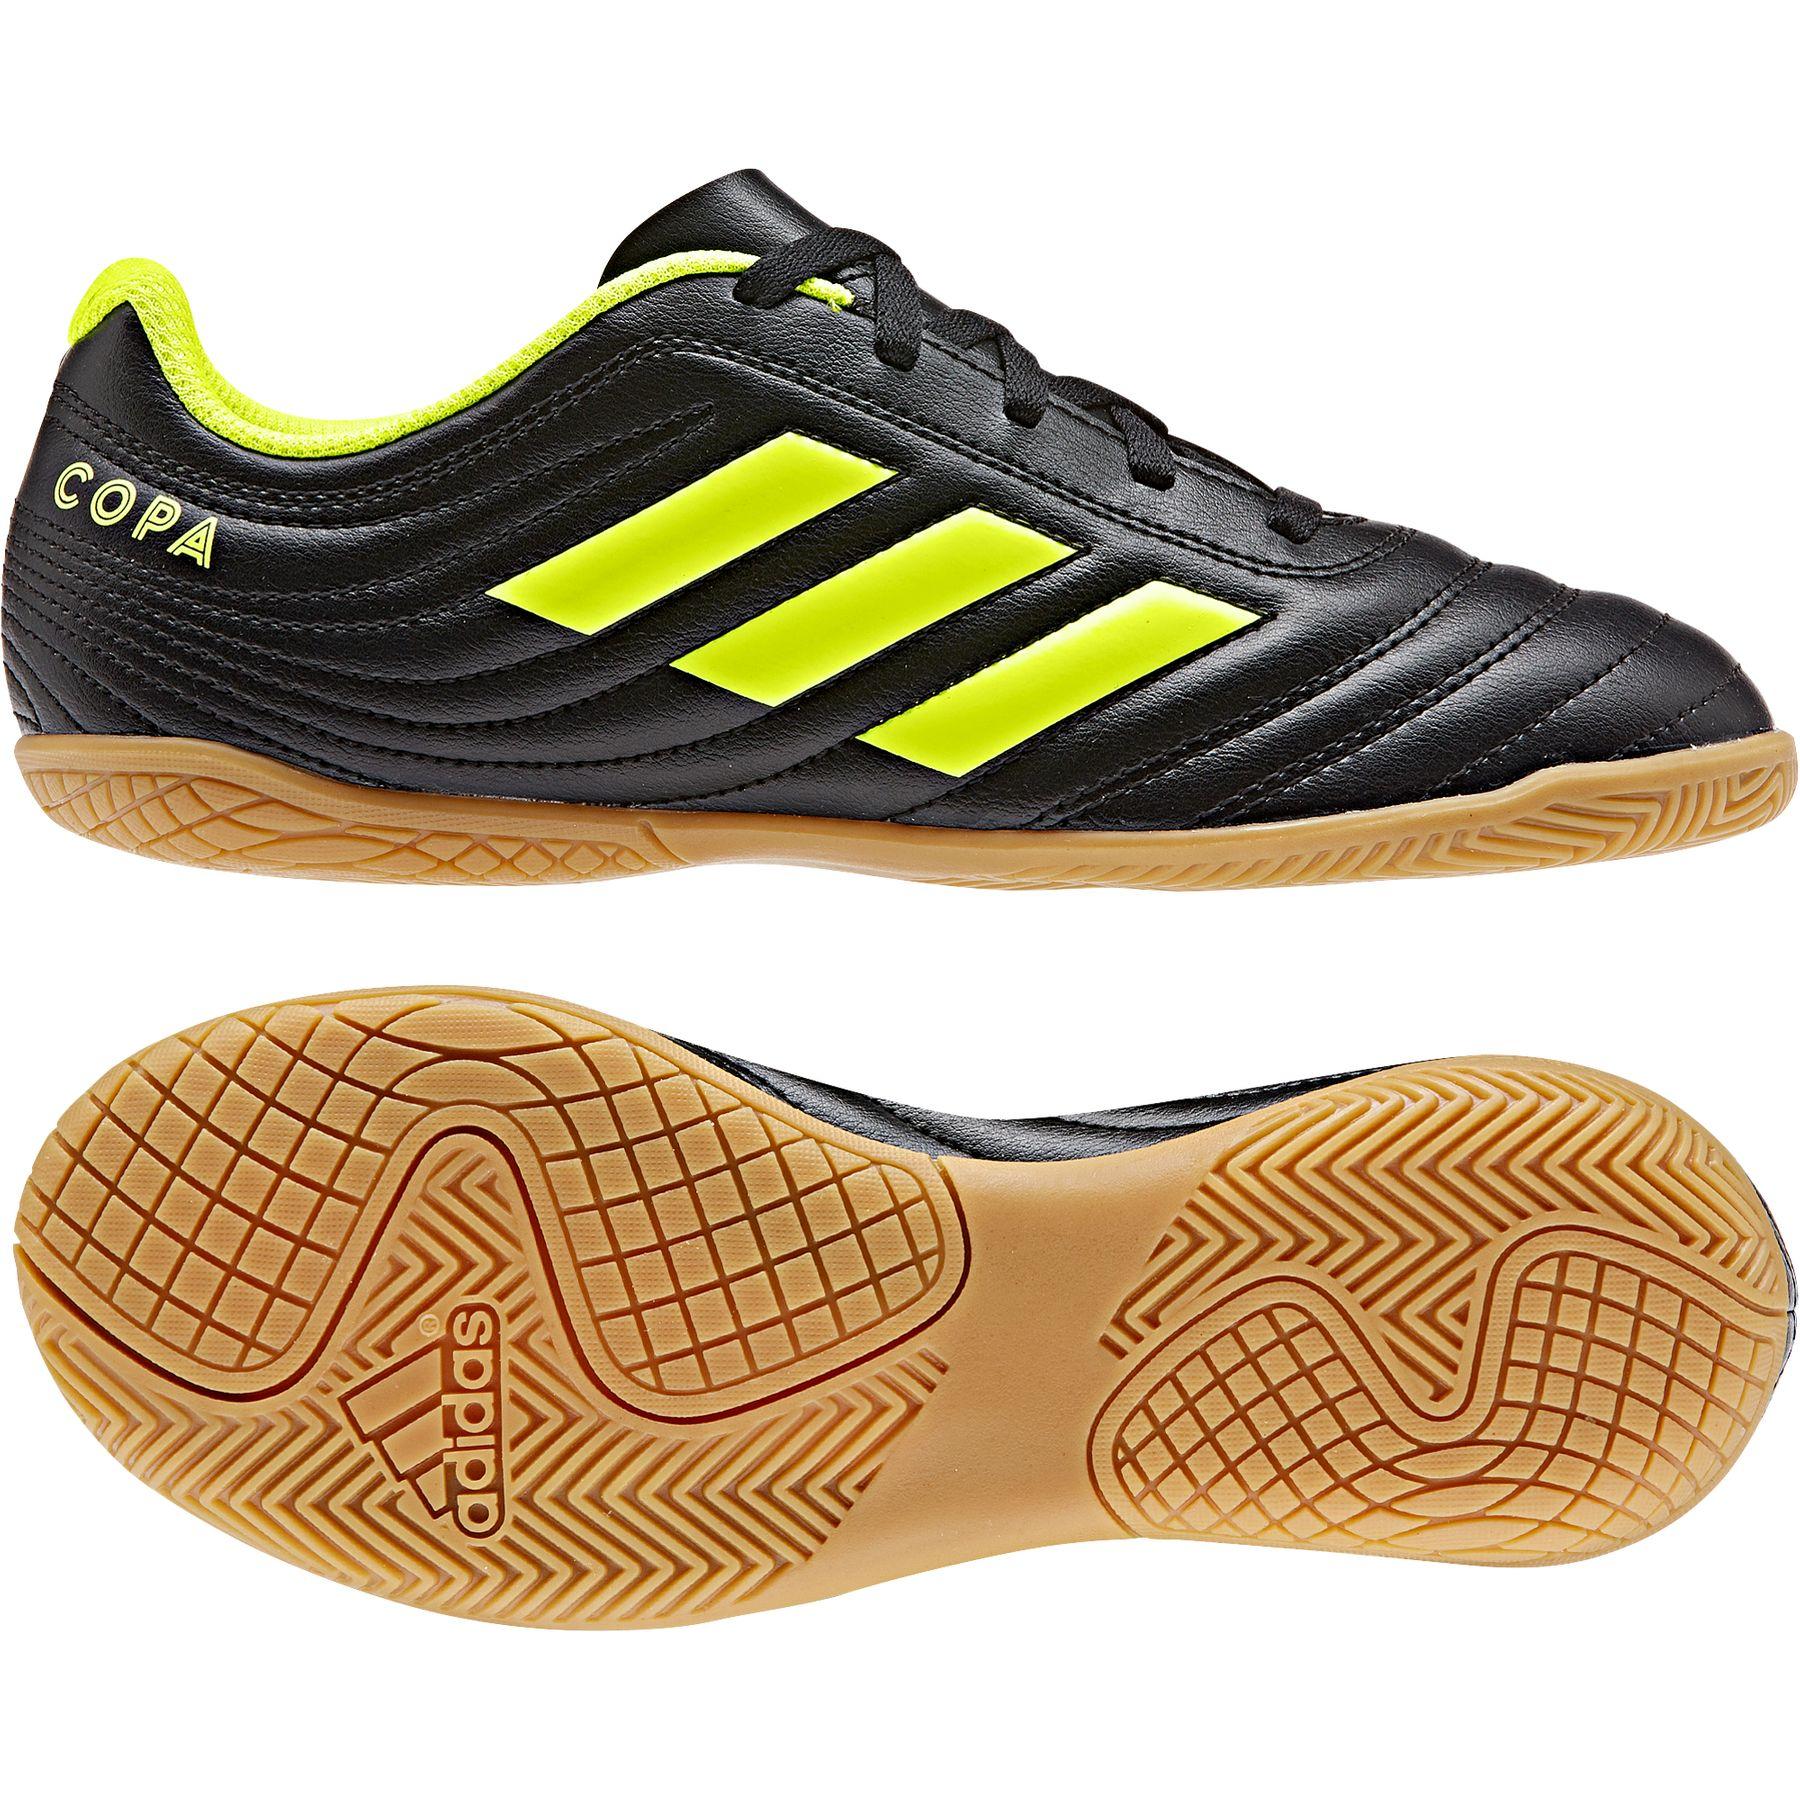 Schatz als seltenes Gut Neuankömmling unverwechselbarer Stil Adidas Copa 19.4 IN Hallenschuhe Kinder schwarz gelb